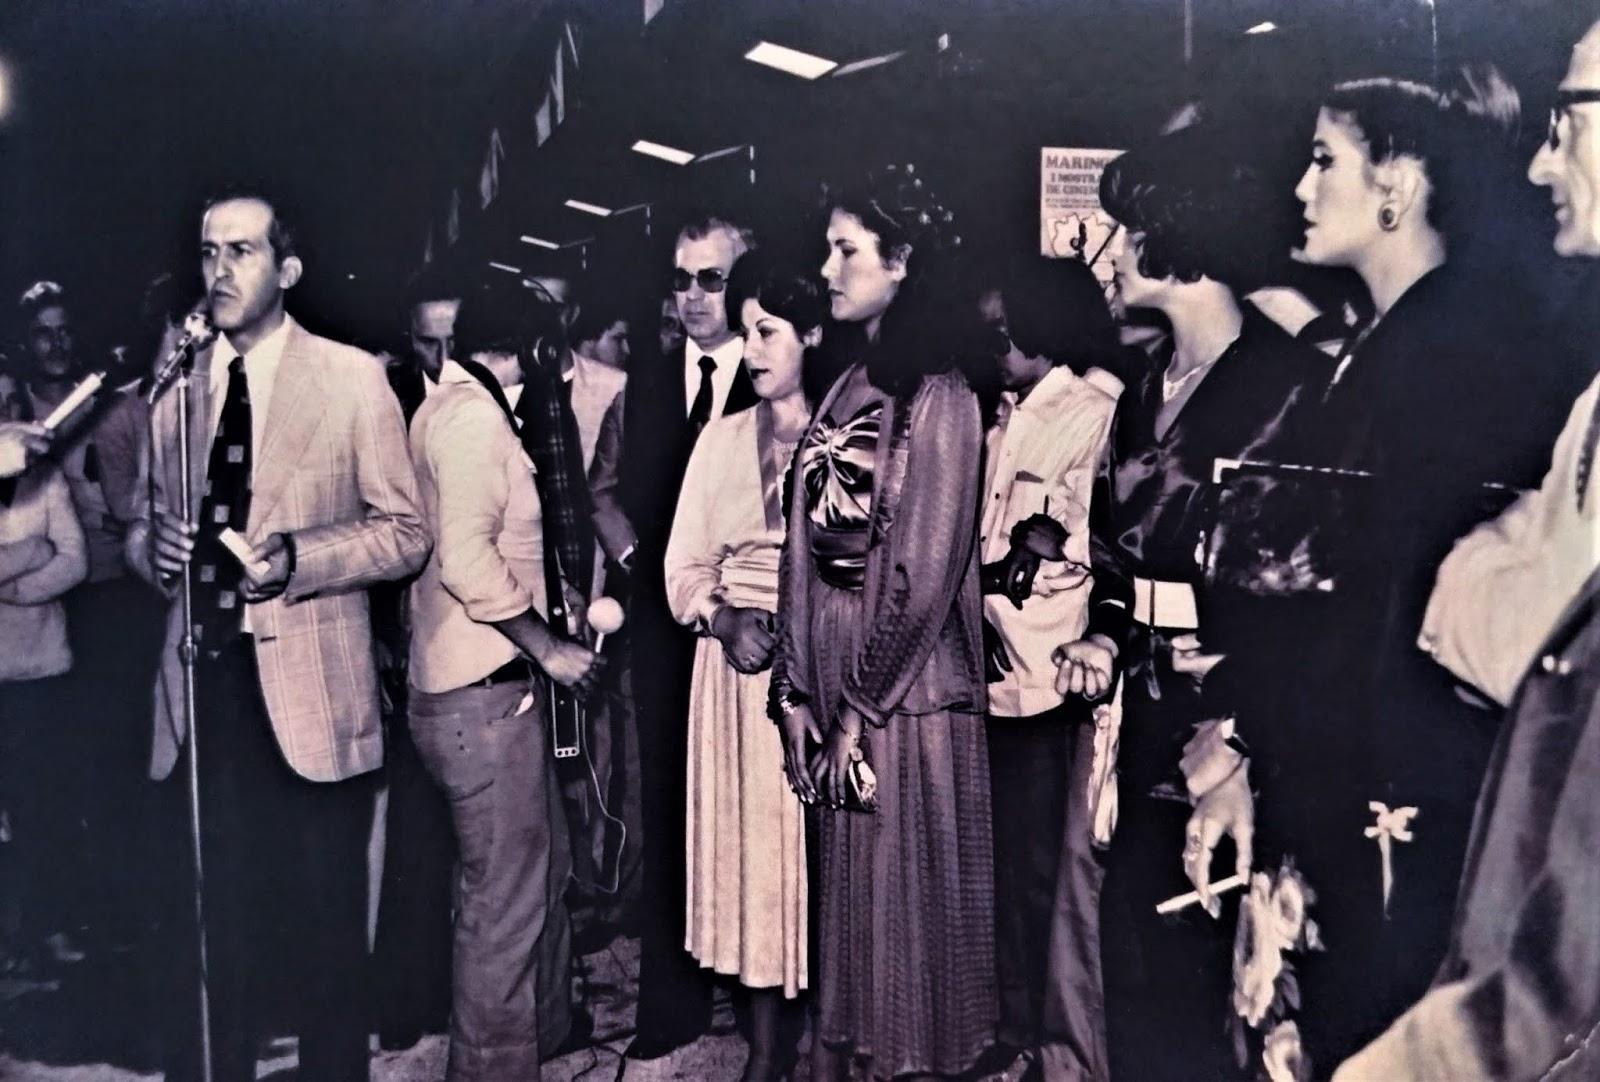 Abertura da I Mostra de Cinema de Maringá - 1979